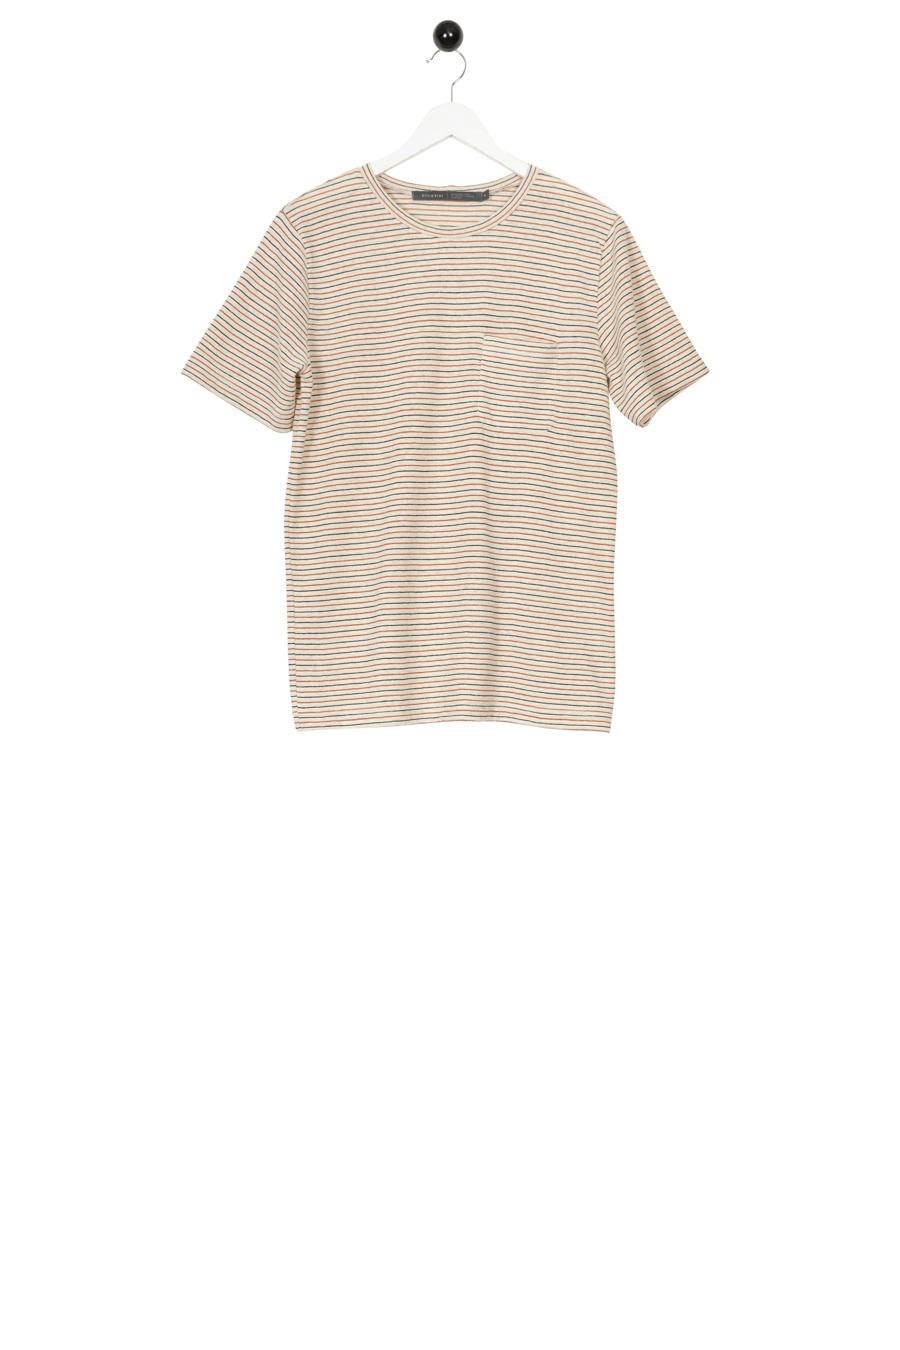 Calais T-shirt